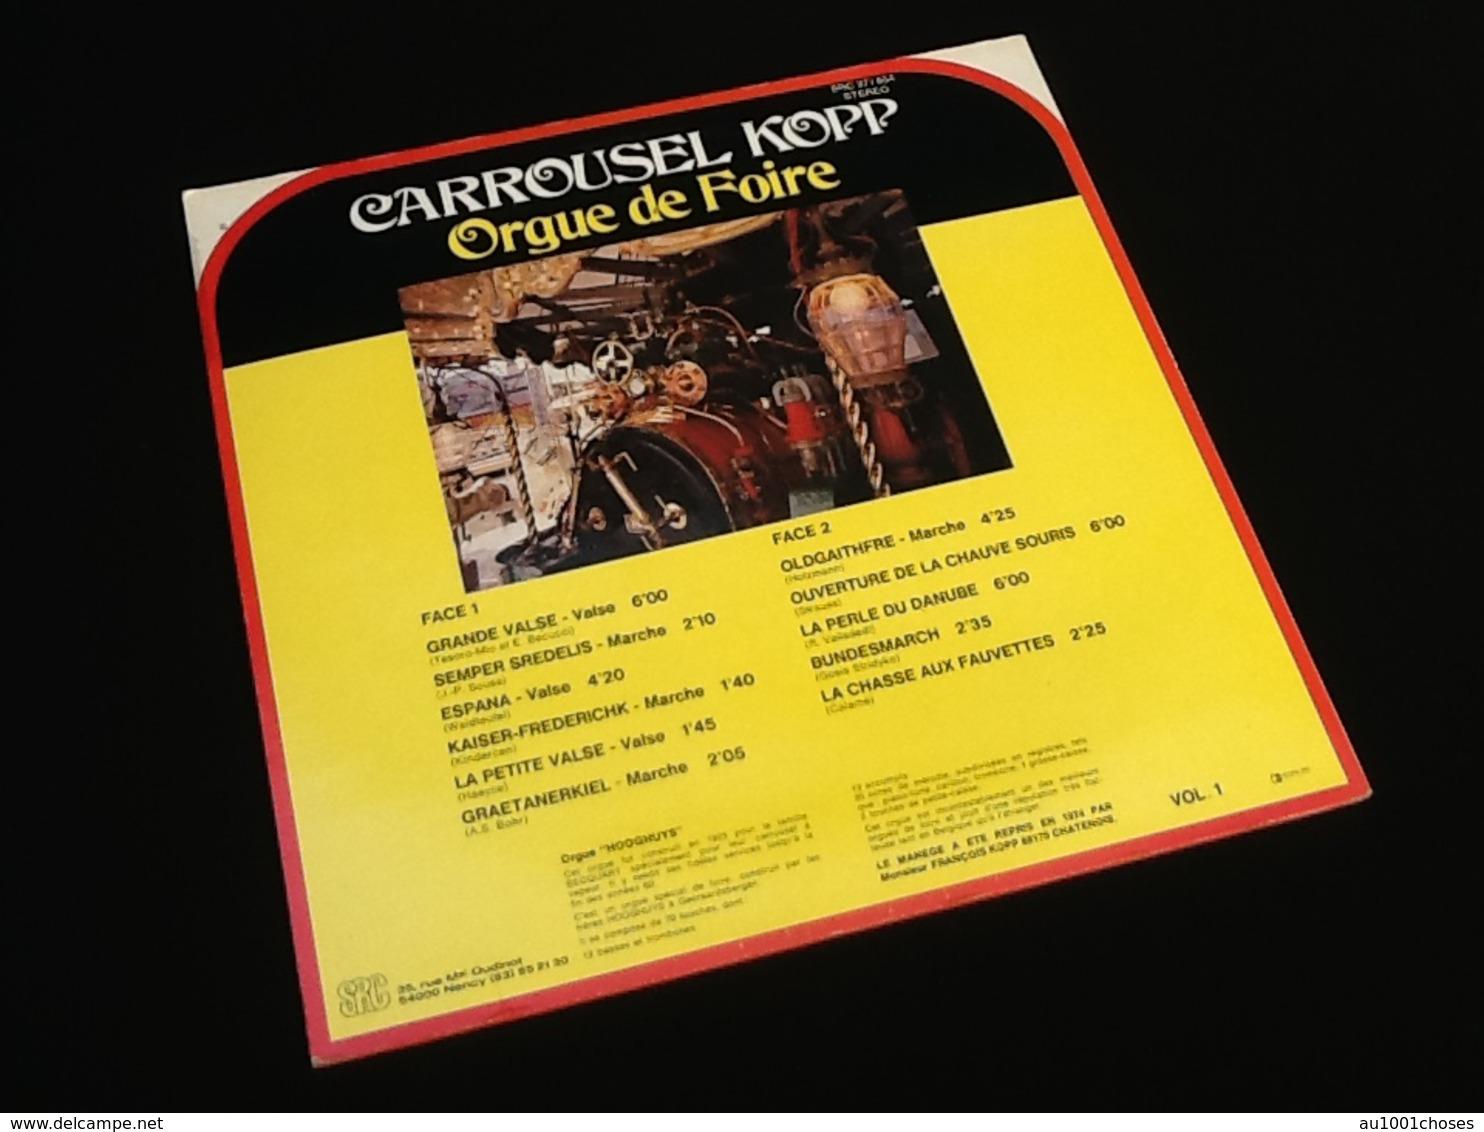 Vinyle 33 Tours  Carrousel Kopp   Orgue De Foire - Dischi In Vinile